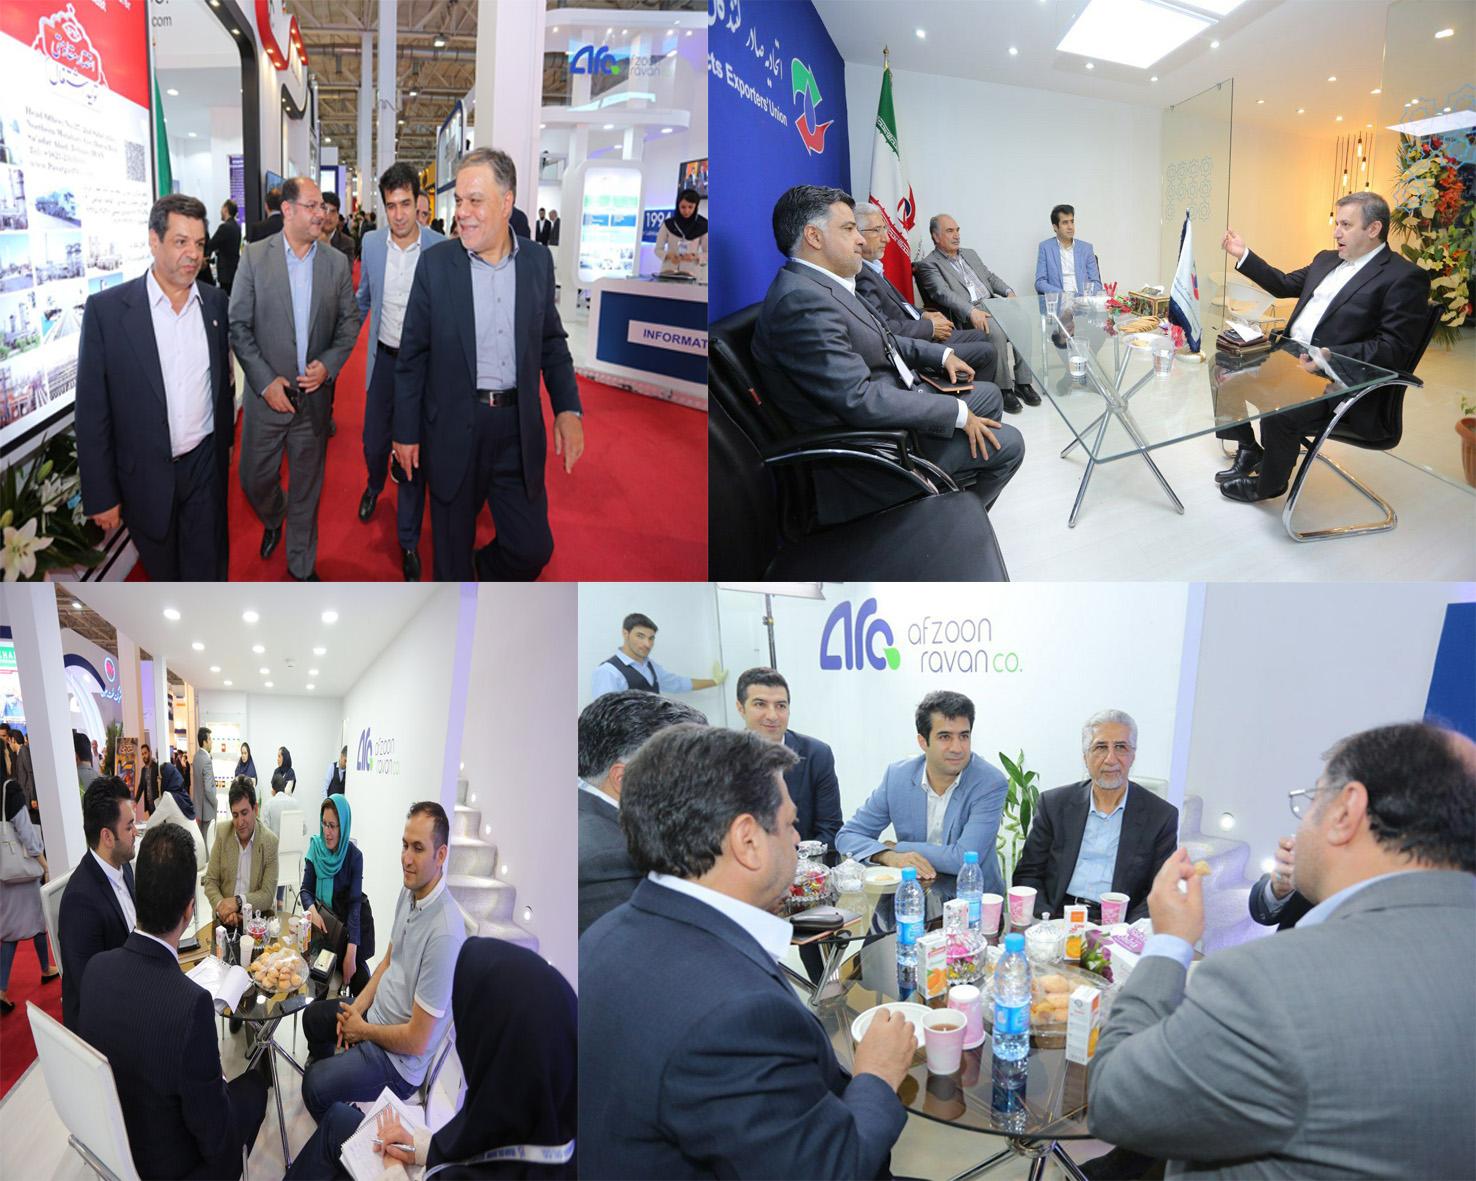 شرکت در بیست و دومین نمایشگاه بین المللی نفت، گاز، پالایش و پتروشیمی تهران